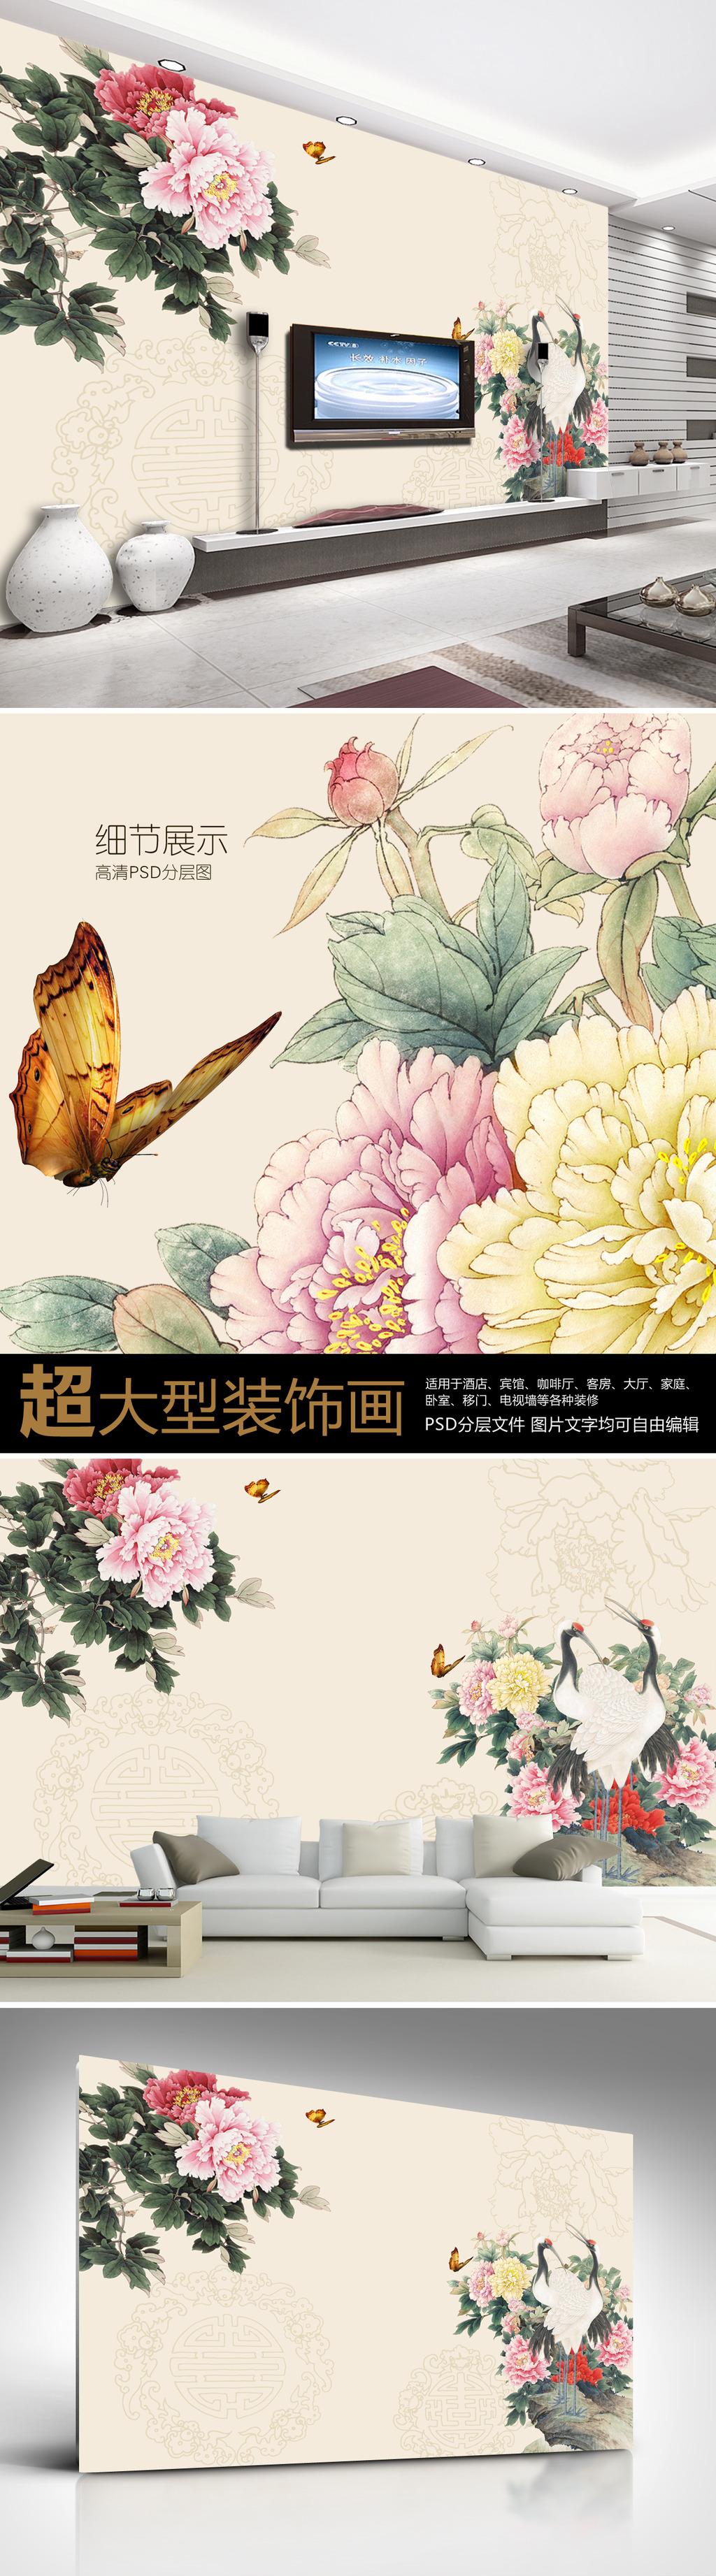 花开富贵牡丹仙鹤图背景墙装饰画